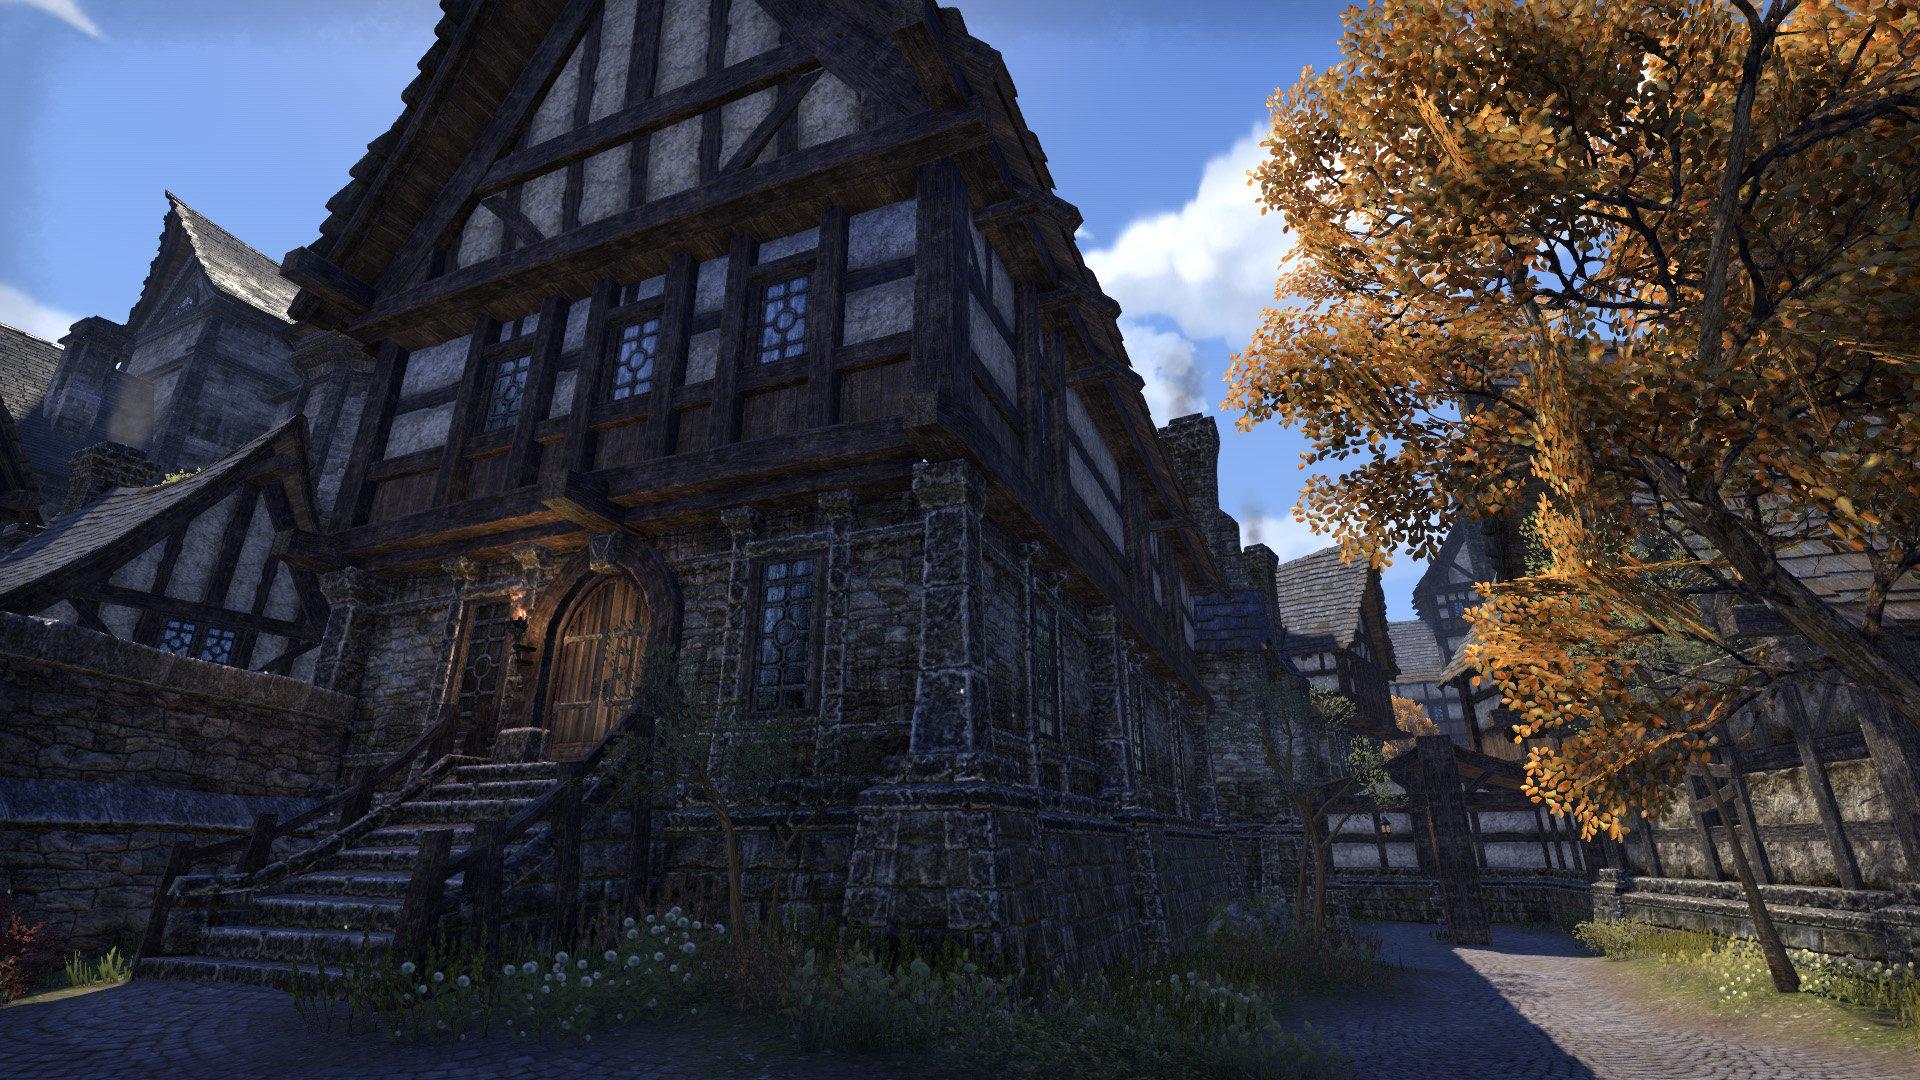 Gardner house elder scrolls online wiki for Online house